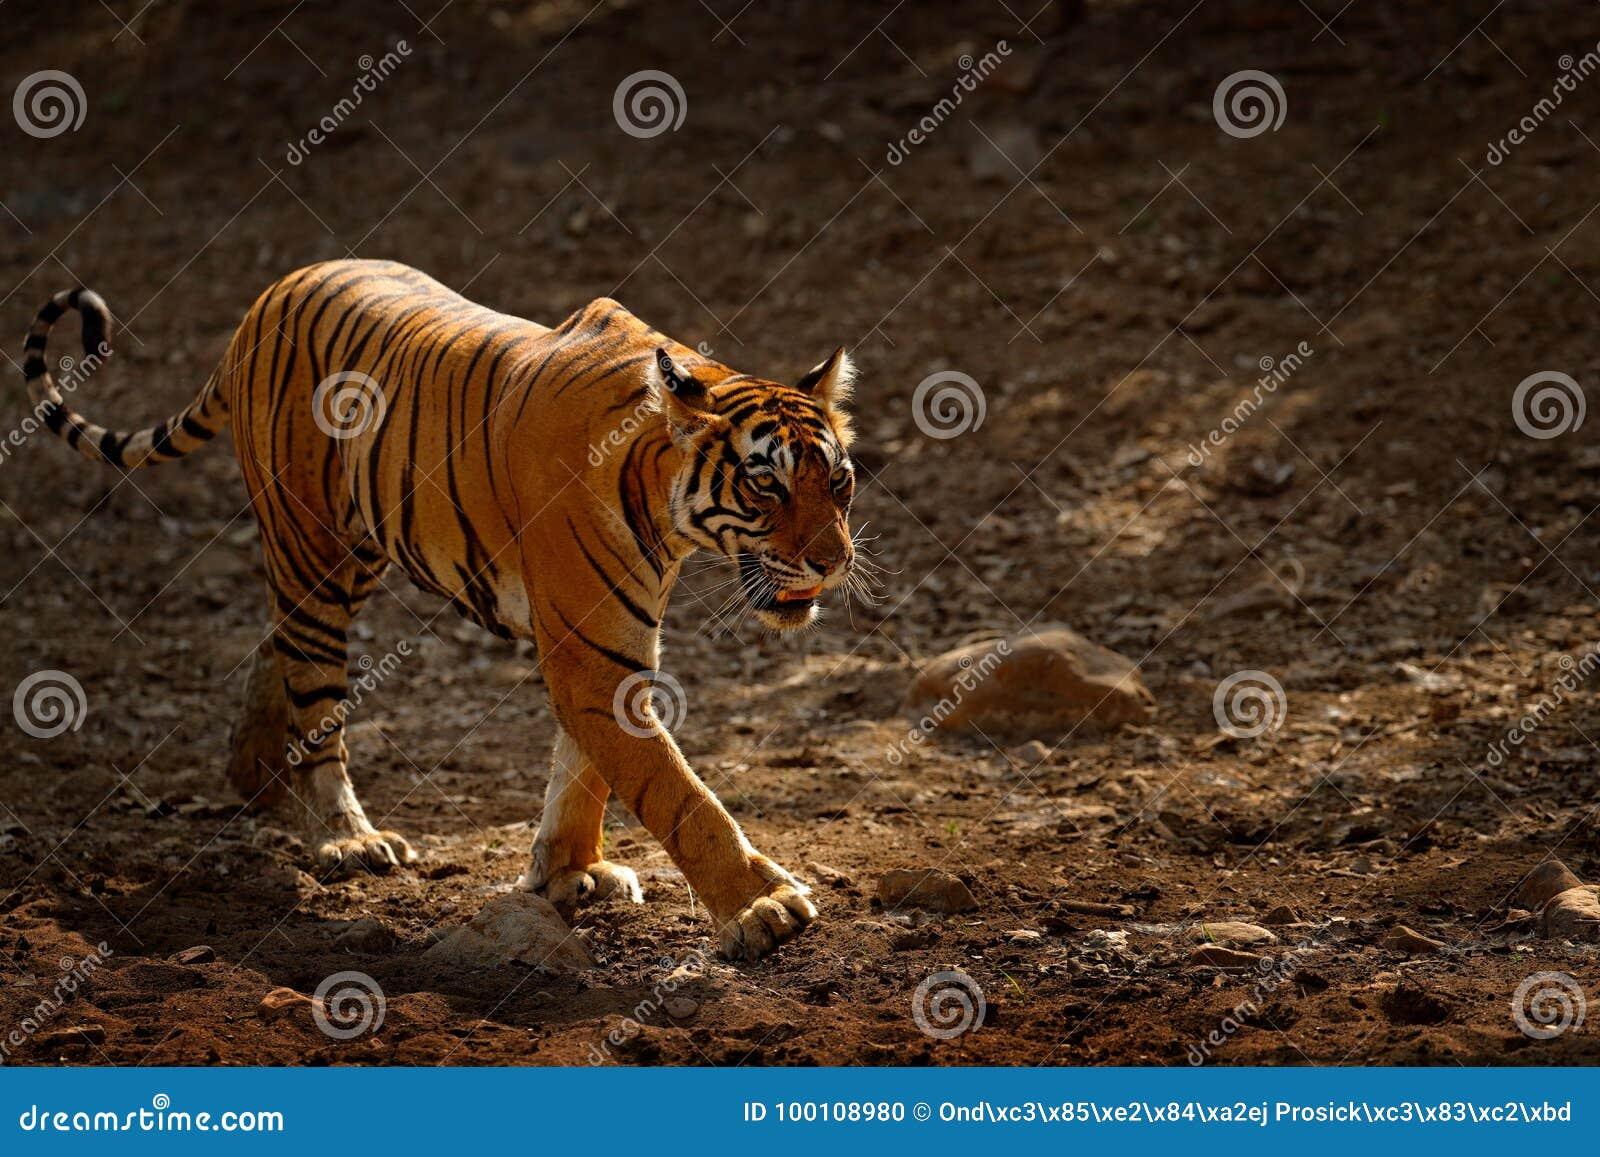 Τίγρη που περπατά στο δρόμο αμμοχάλικου Ινδικό θηλυκό τιγρών με την πρώτη βροχή, άγριο ζώο στο βιότοπο φύσης, Ranthambore, Ινδία